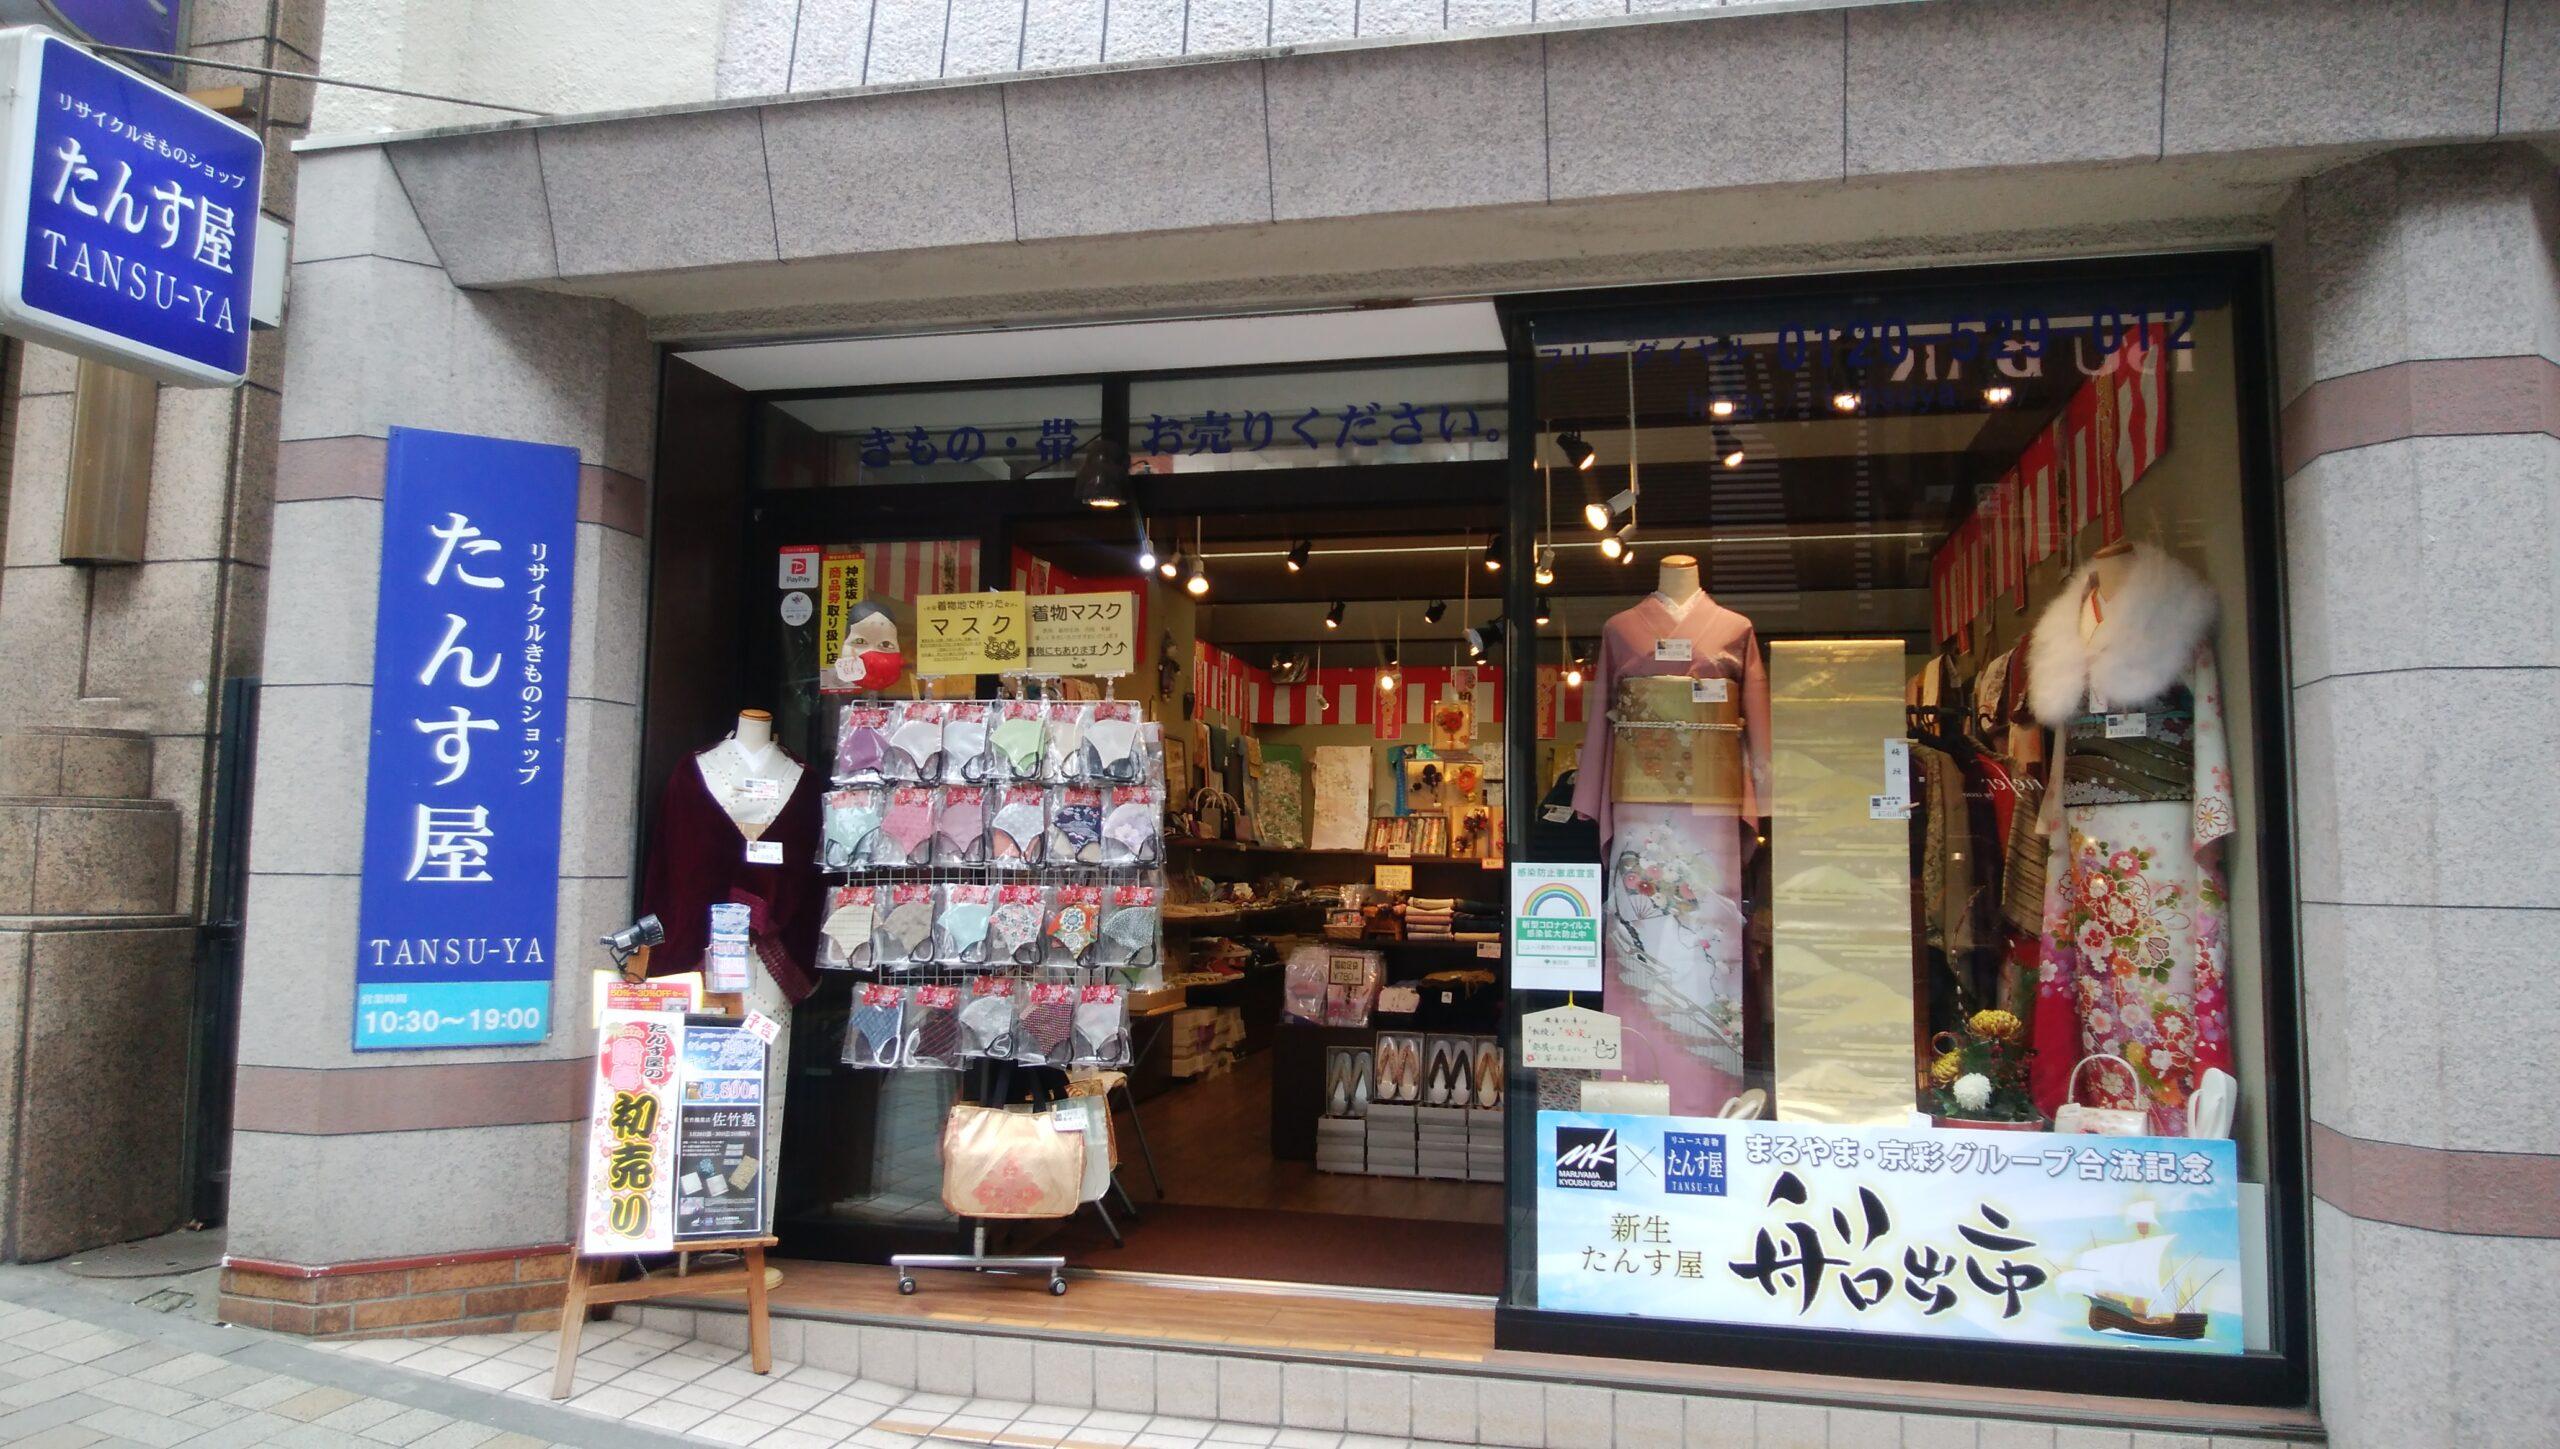 神楽坂 神楽坂散歩!デートマンお薦め必ず行くべきスポット15選!